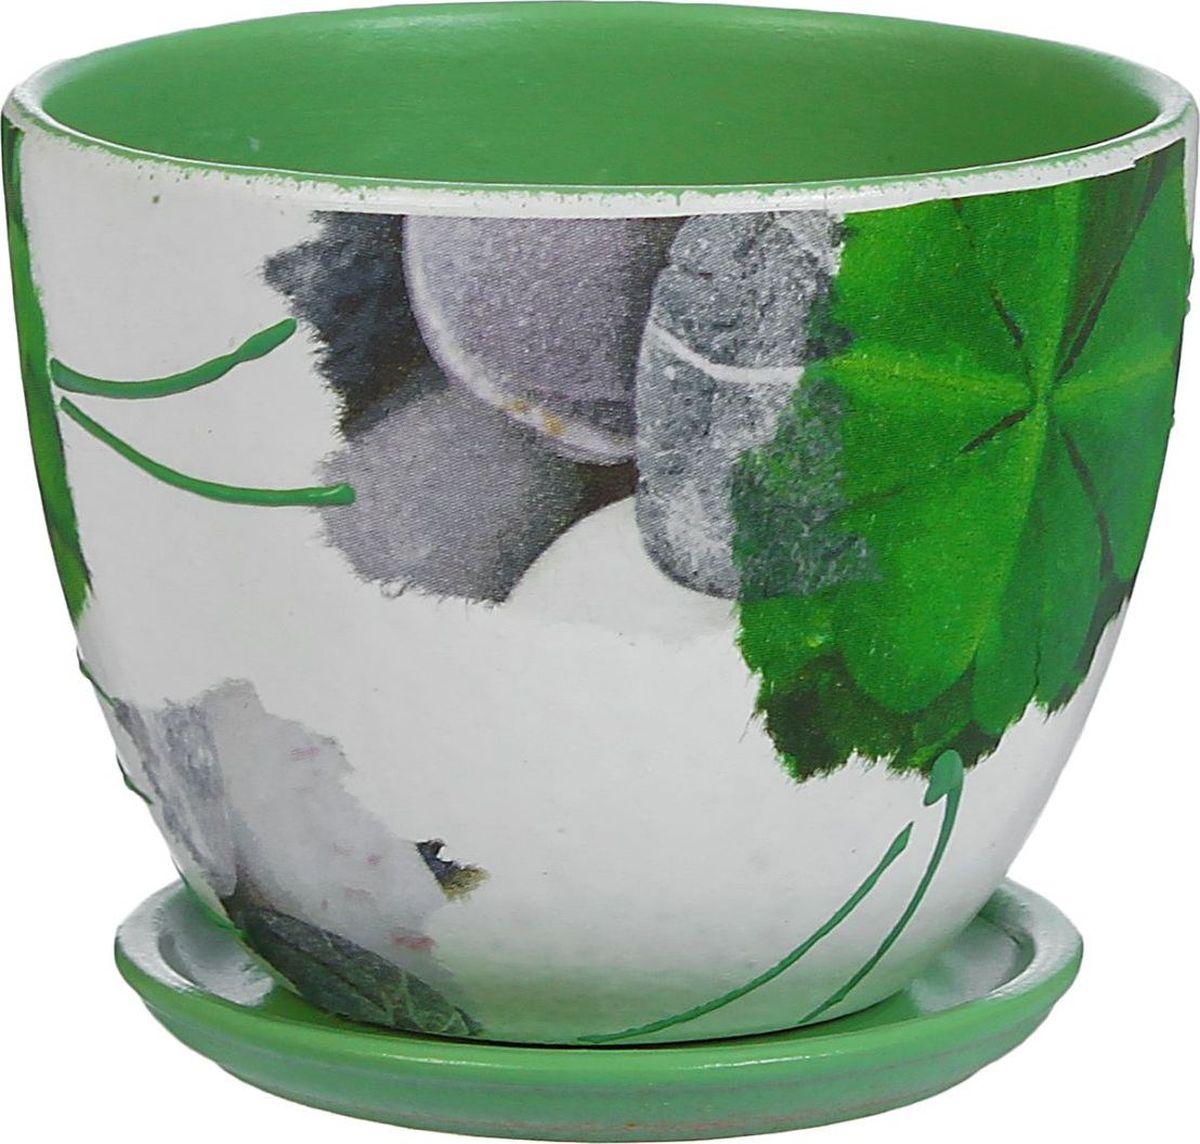 Кашпо Эко стиль, 0,6 л1138741Комнатные растения — всеобщие любимцы. Они радуют глаз, насыщают помещение кислородом и украшают пространство. Каждому из них необходим свой удобный и красивый дом. Кашпо из керамики прекрасно подходят для высадки растений: за счёт пластичности глины и разных способов обработки существует великое множество форм и дизайновпористый материал позволяет испаряться лишней влагевоздух, необходимый для дыхания корней, проникает сквозь керамические стенки! #name# позаботится о зелёном питомце, освежит интерьер и подчеркнёт его стиль.